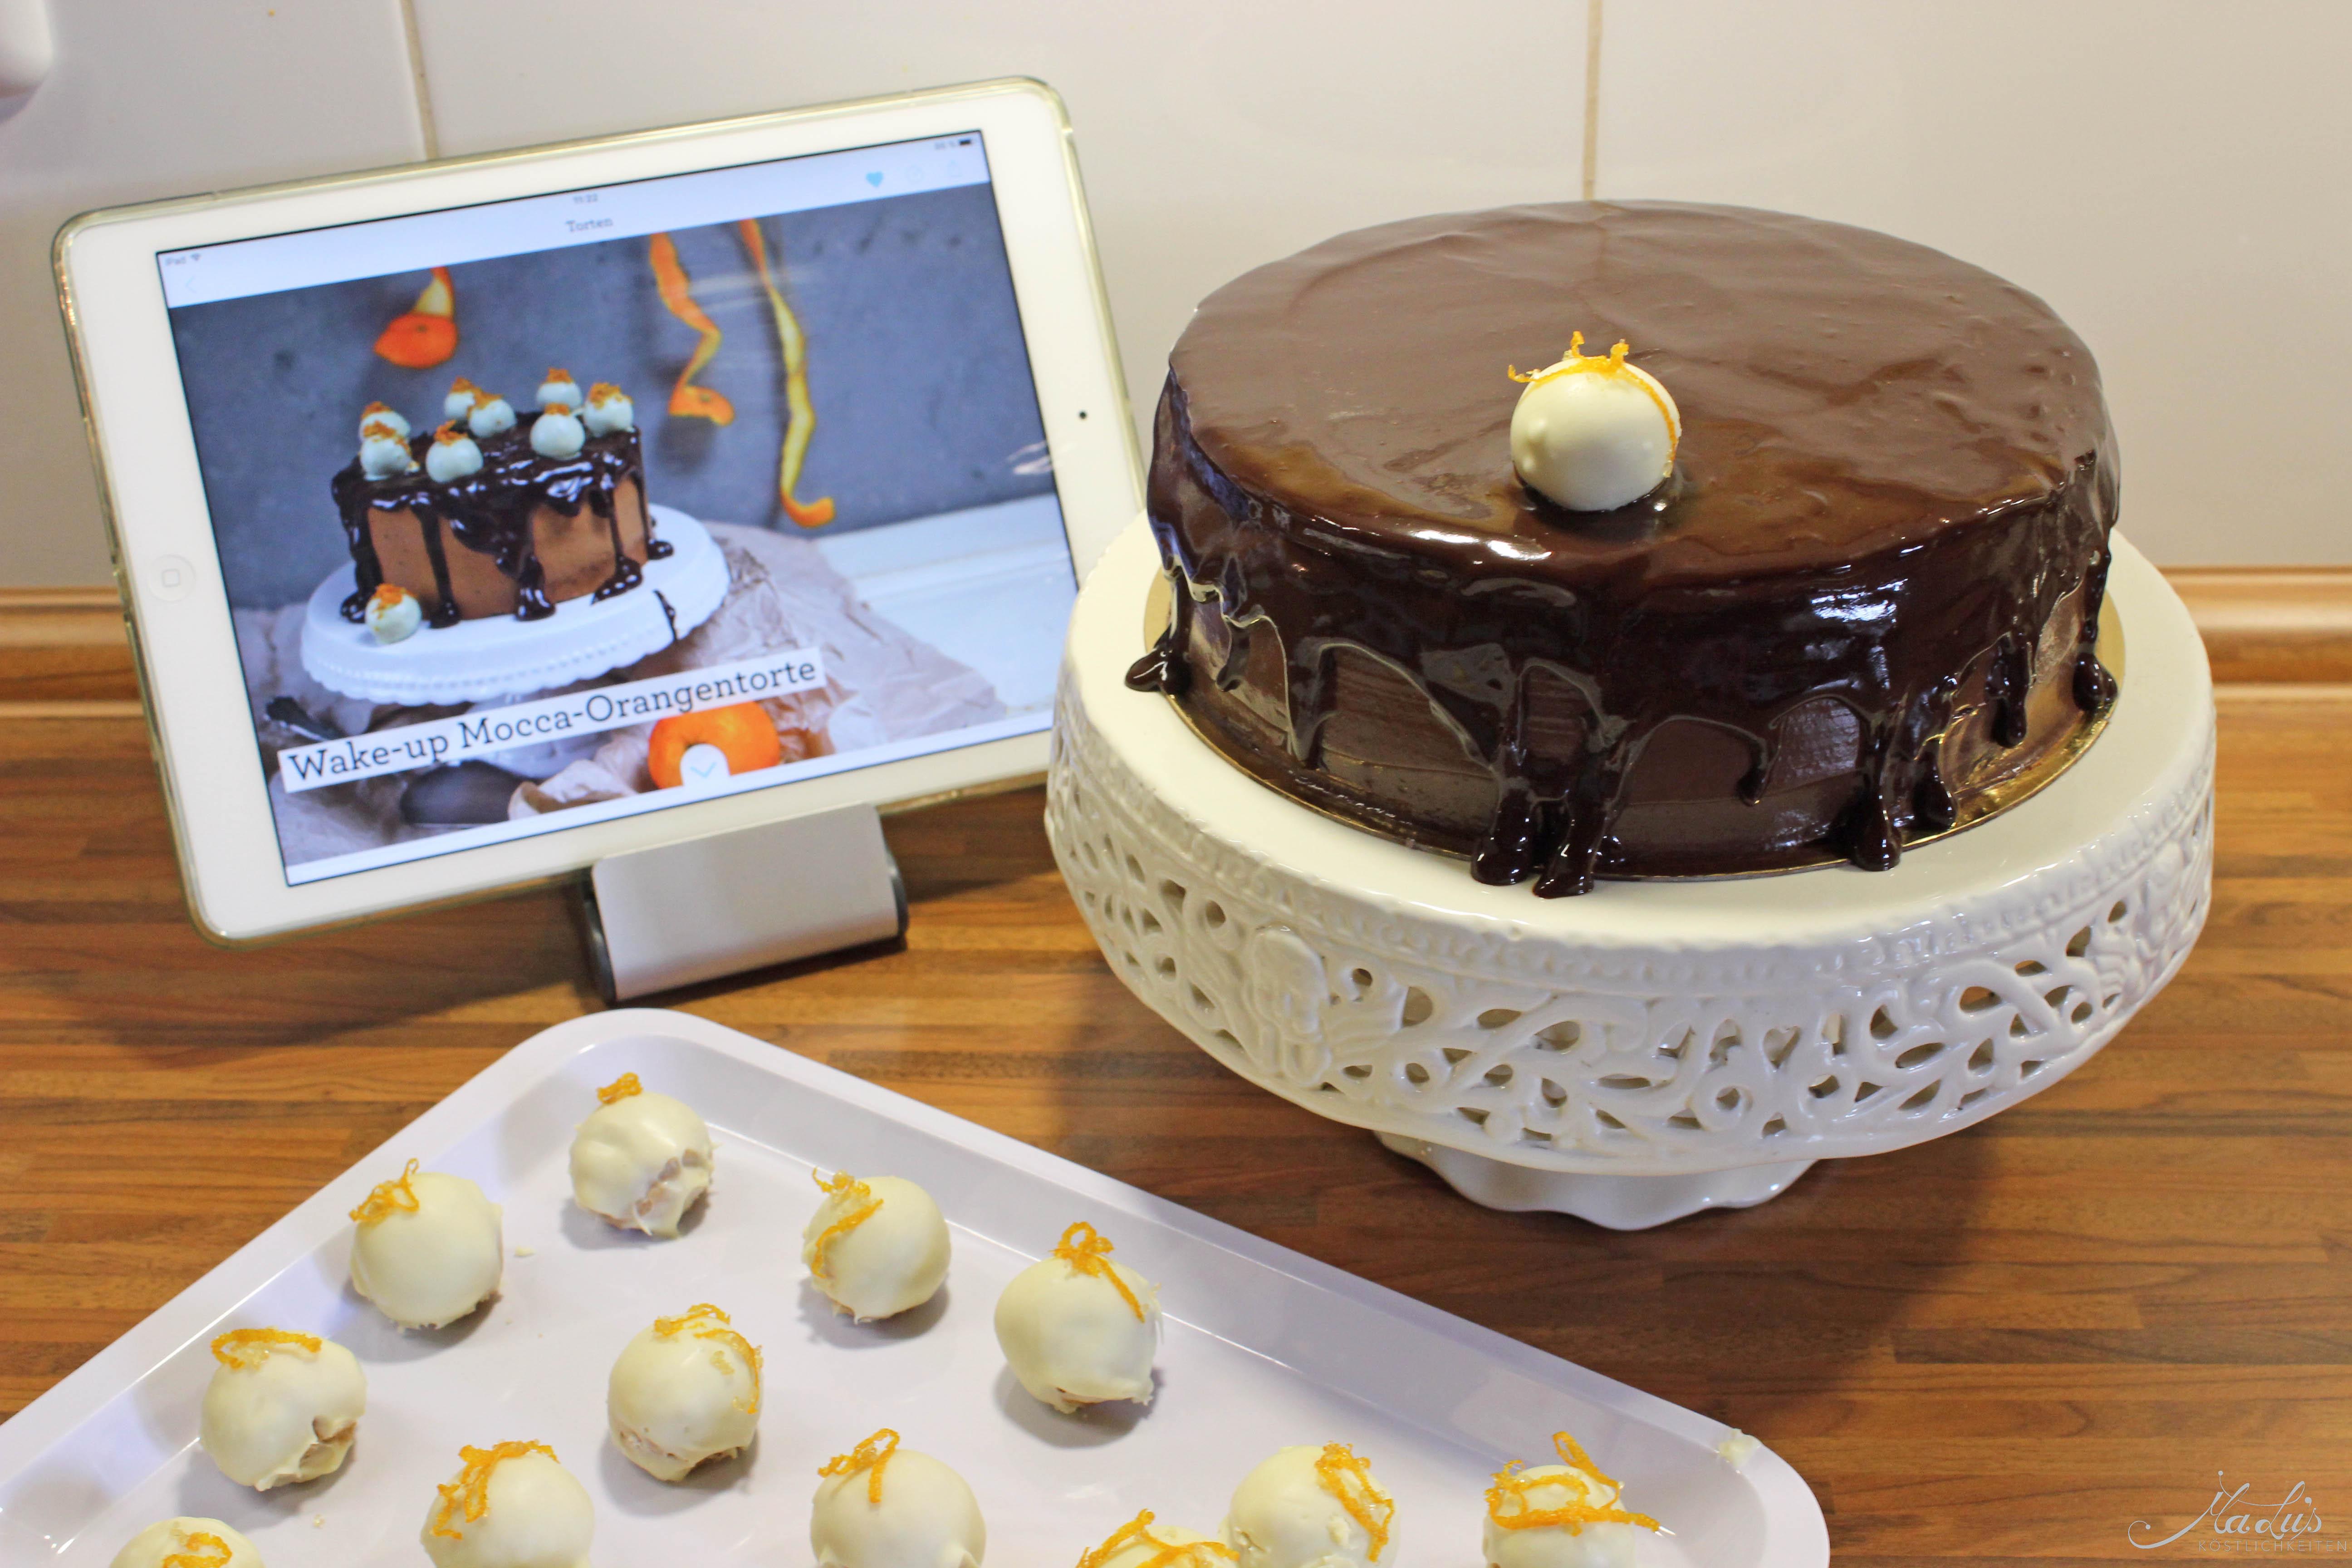 Wake-Up Mocca-Orangen Torte 12